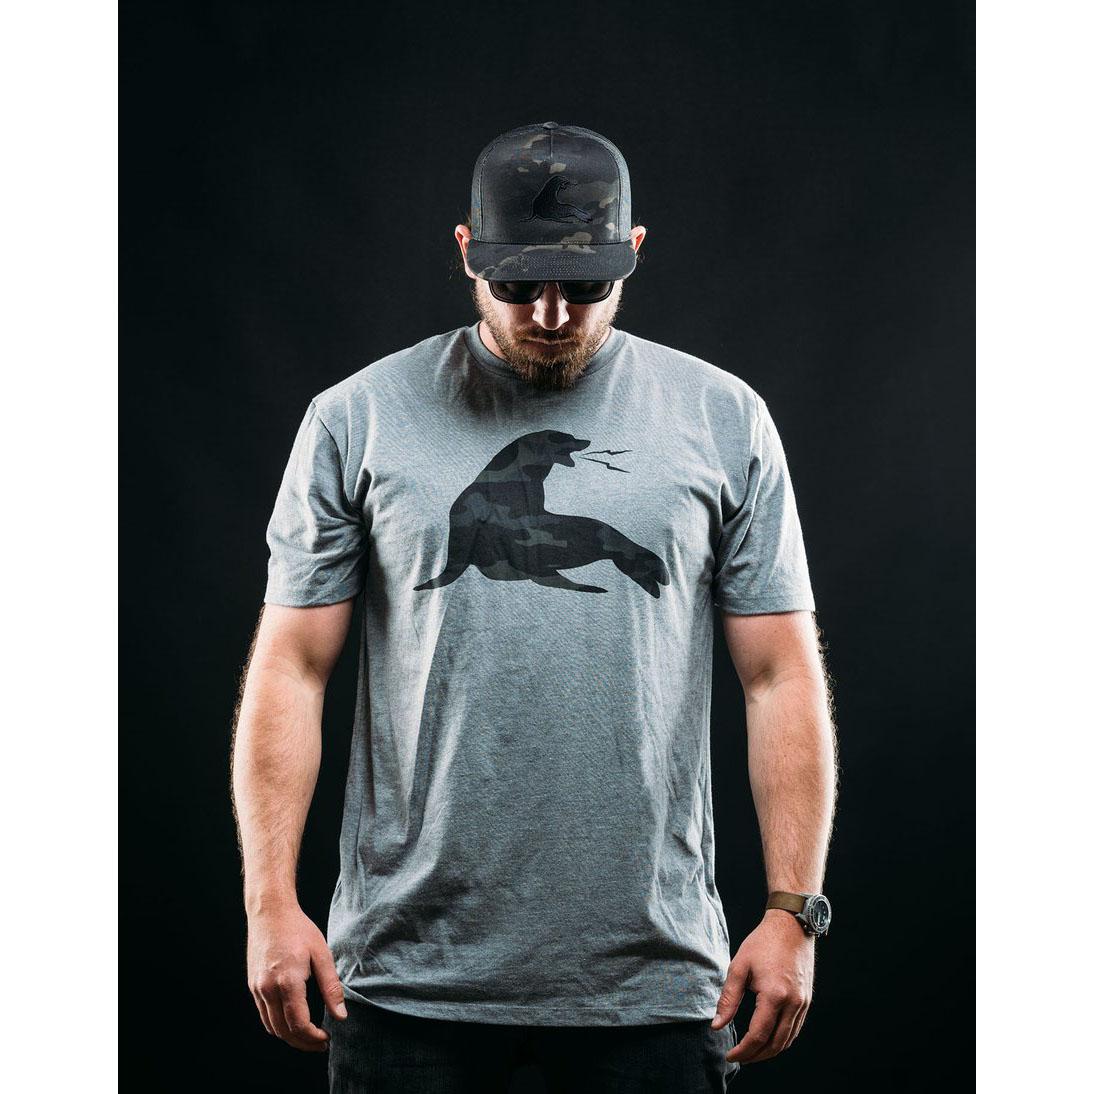 21030528-17 URT CLOTHING ビッグURT Tシャツ *グレー・マルチカムブラック/Sサイズ